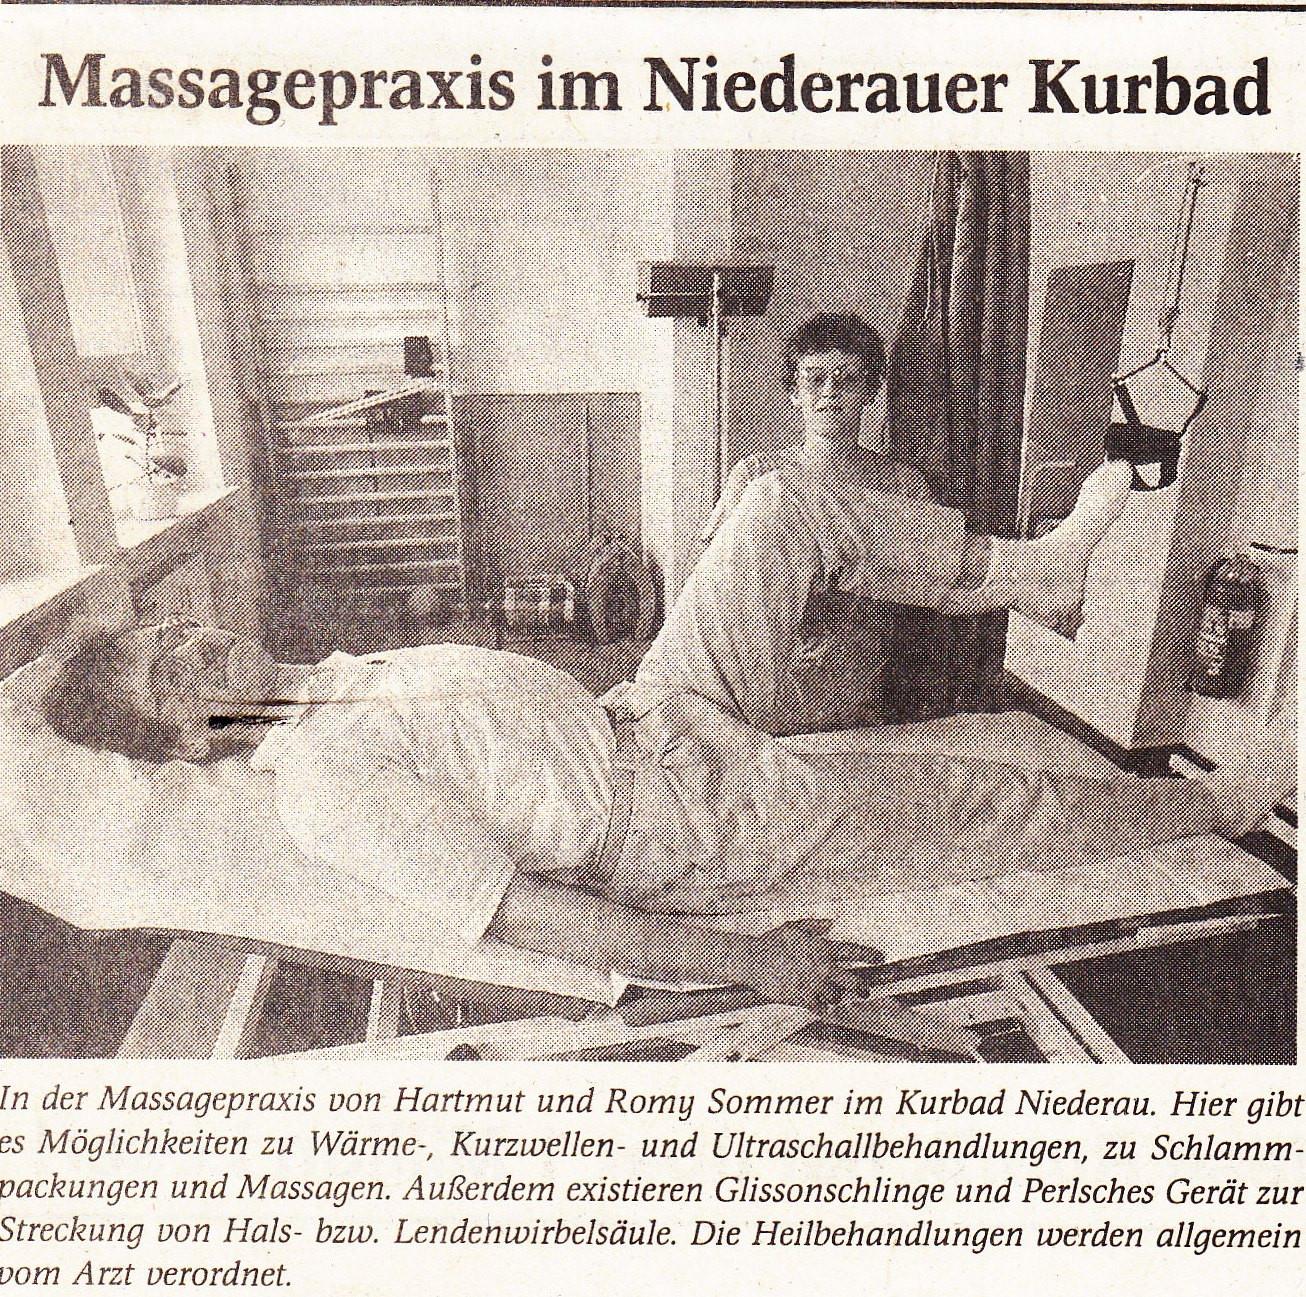 Sommer's Physiotherapie in Niederau hat eröffnet